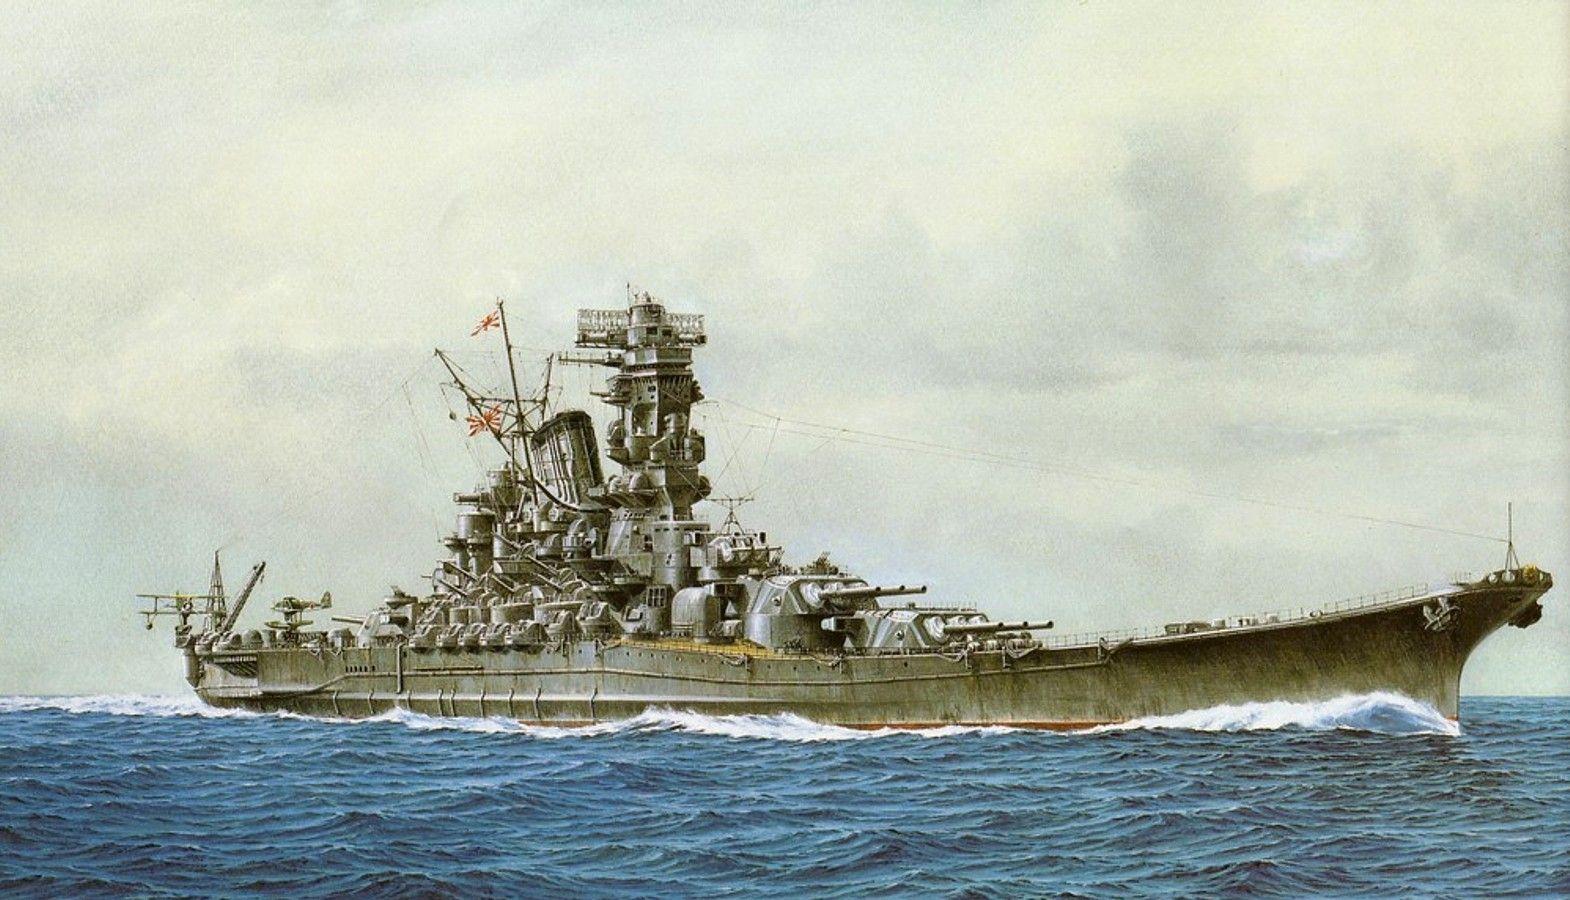 Battleship Yamato Battle Battleship Japan Japanese Navy Sea War 1570x900